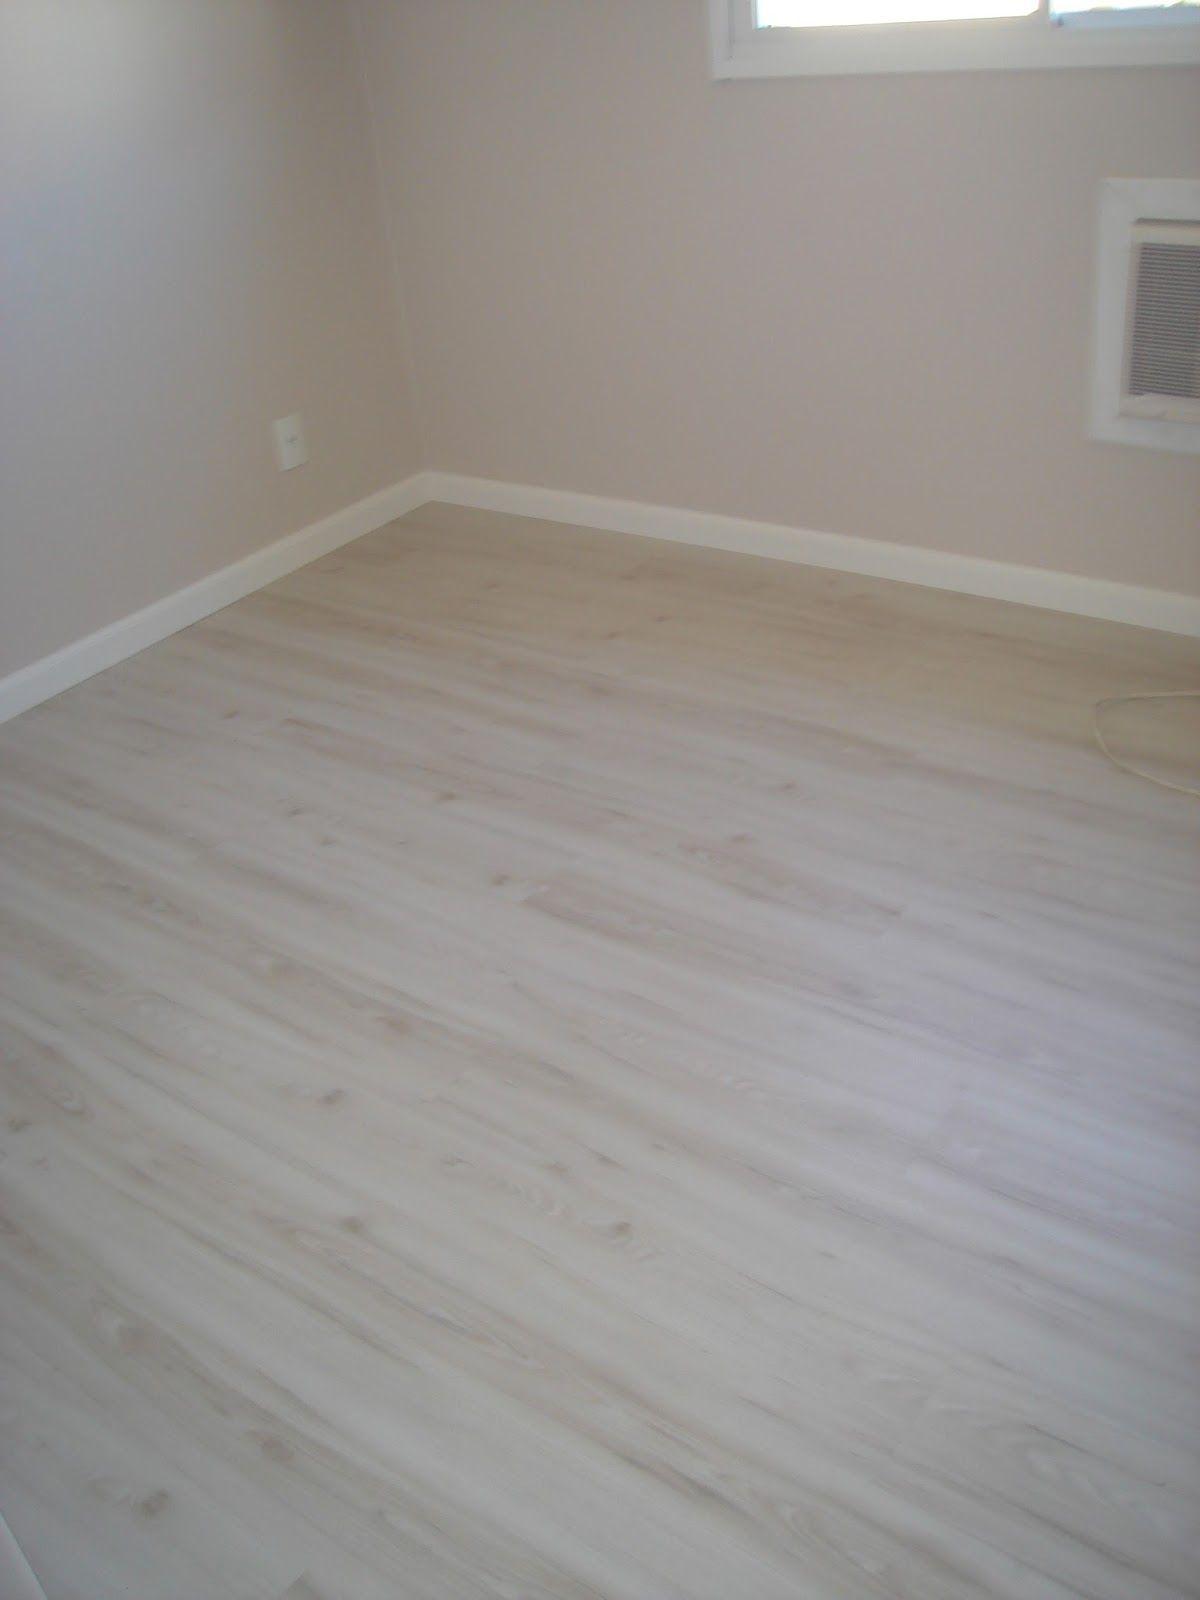 Piso laminado rodap branco decora o e projeto de for Piso laminado instalado